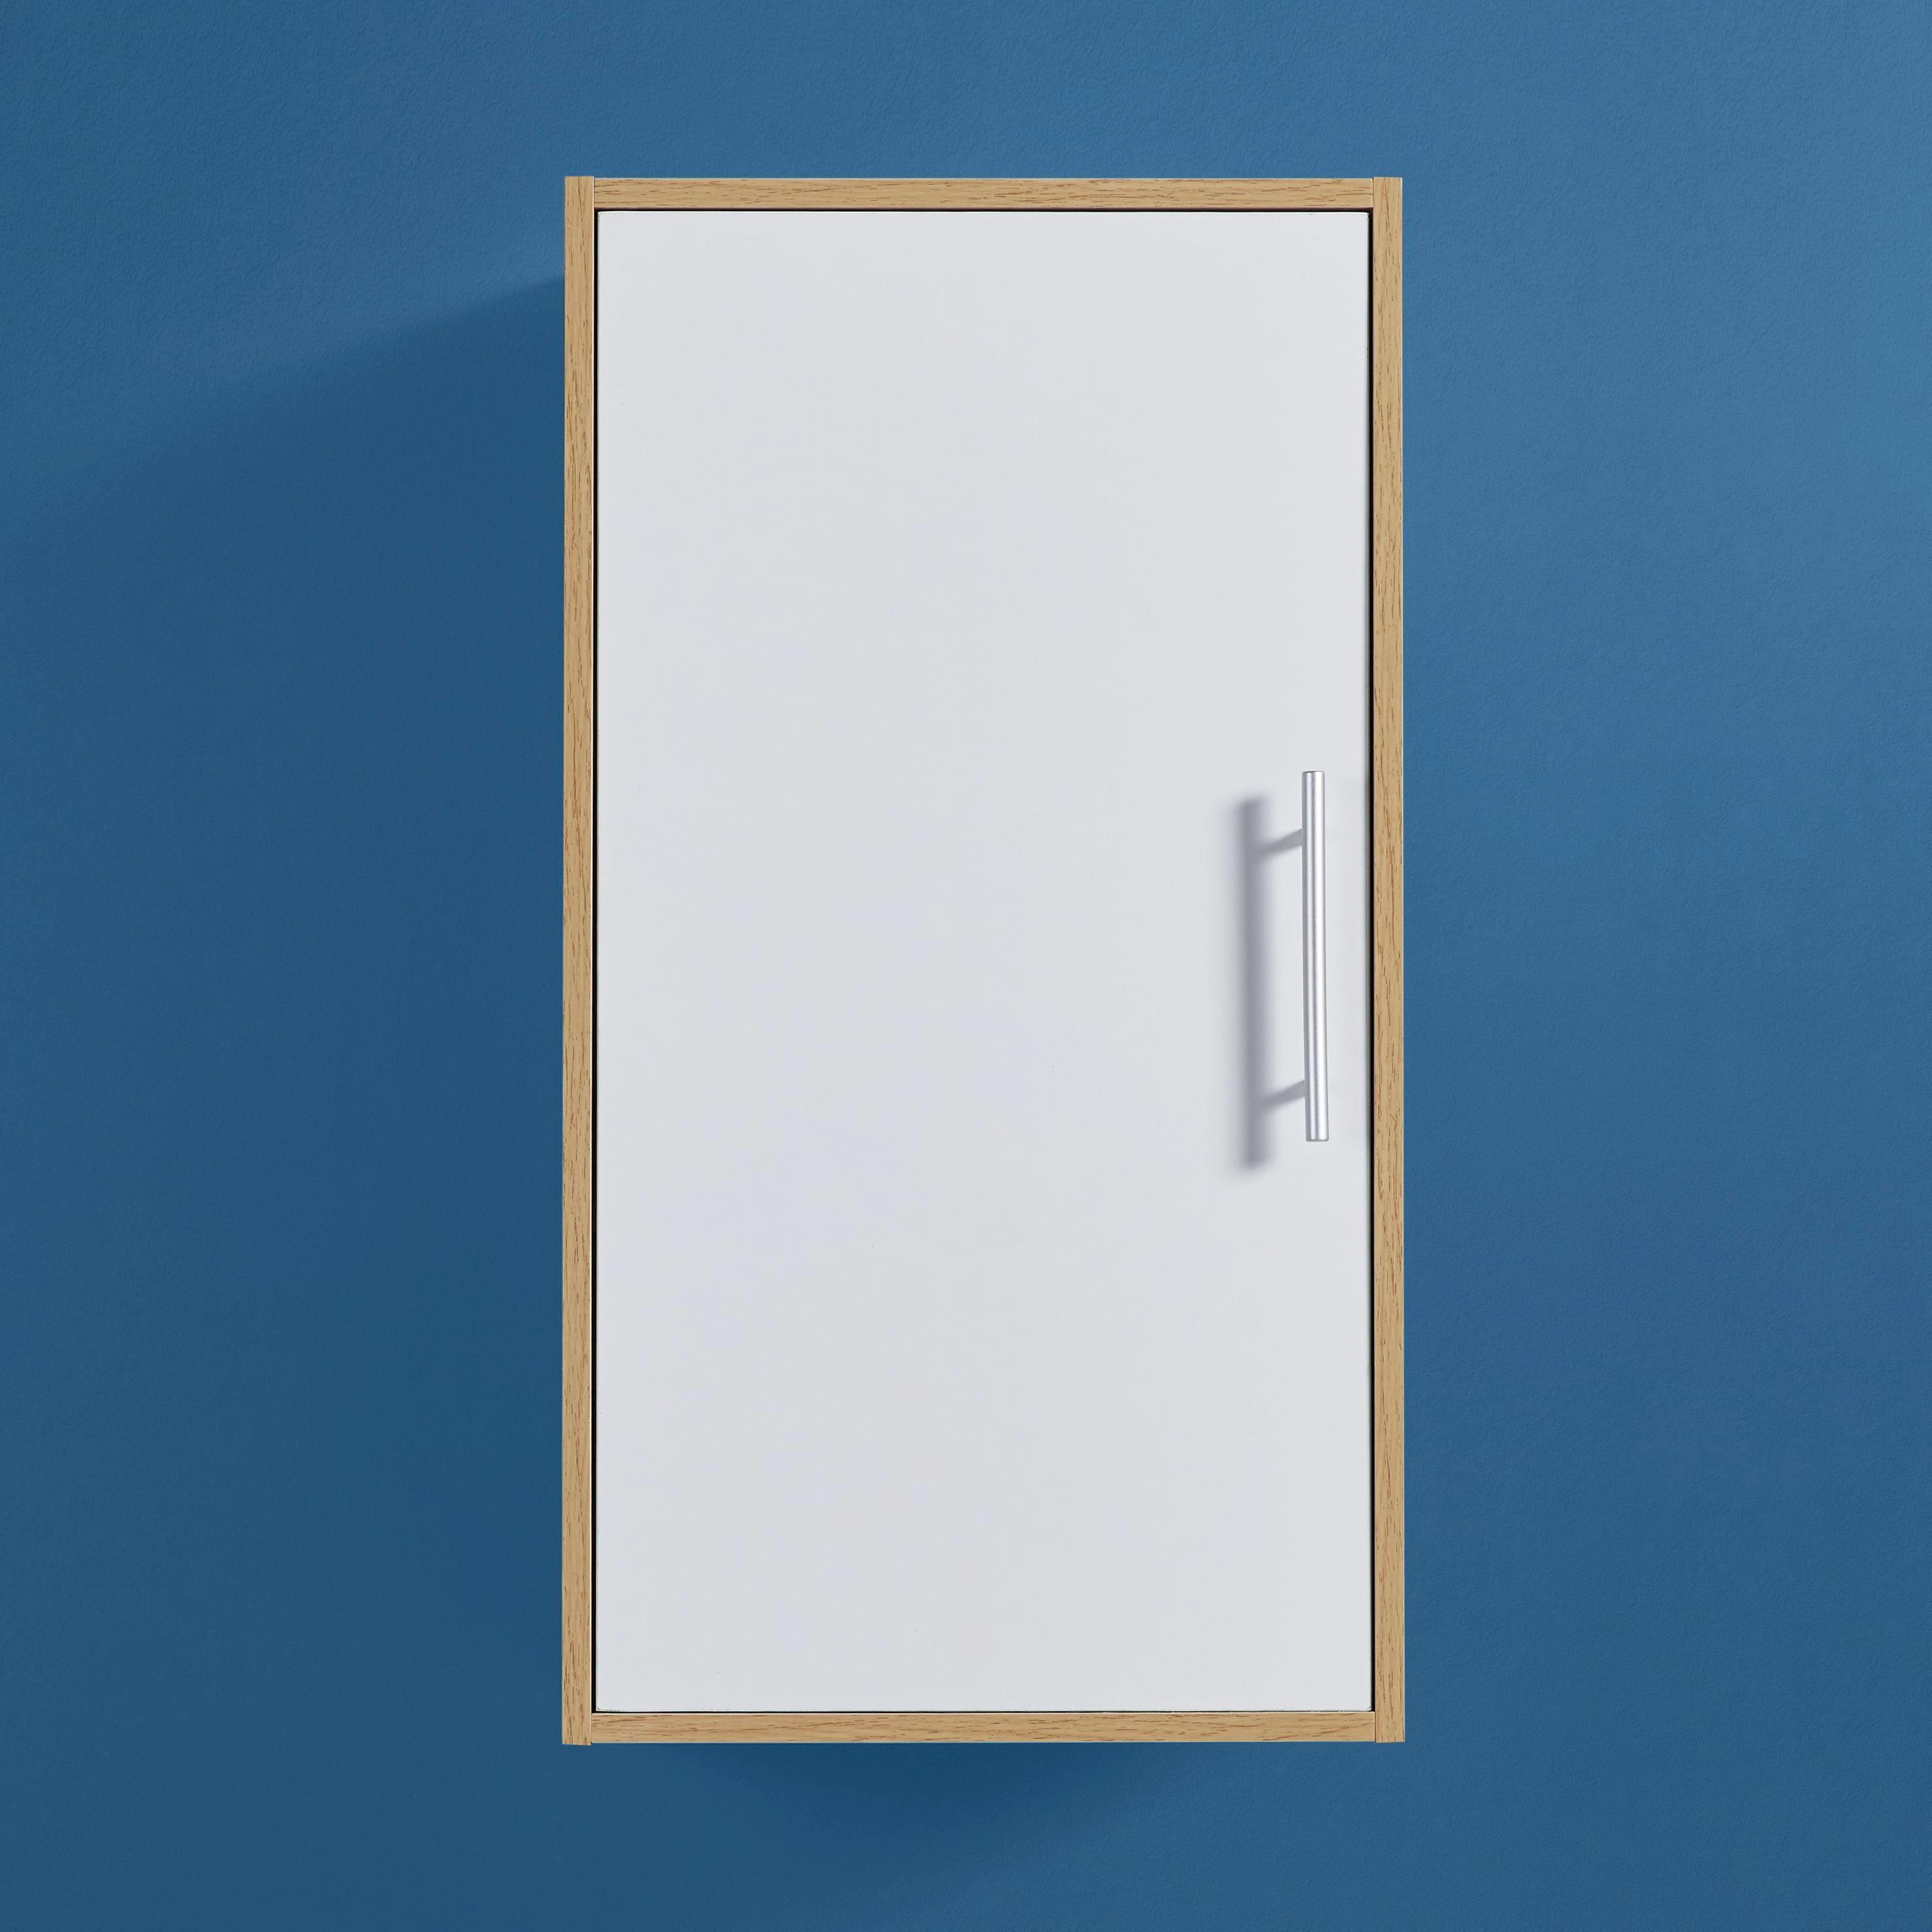 Mömax Badezimmer Schrank: Wandschrank Lilja Online Kaufen Mömax